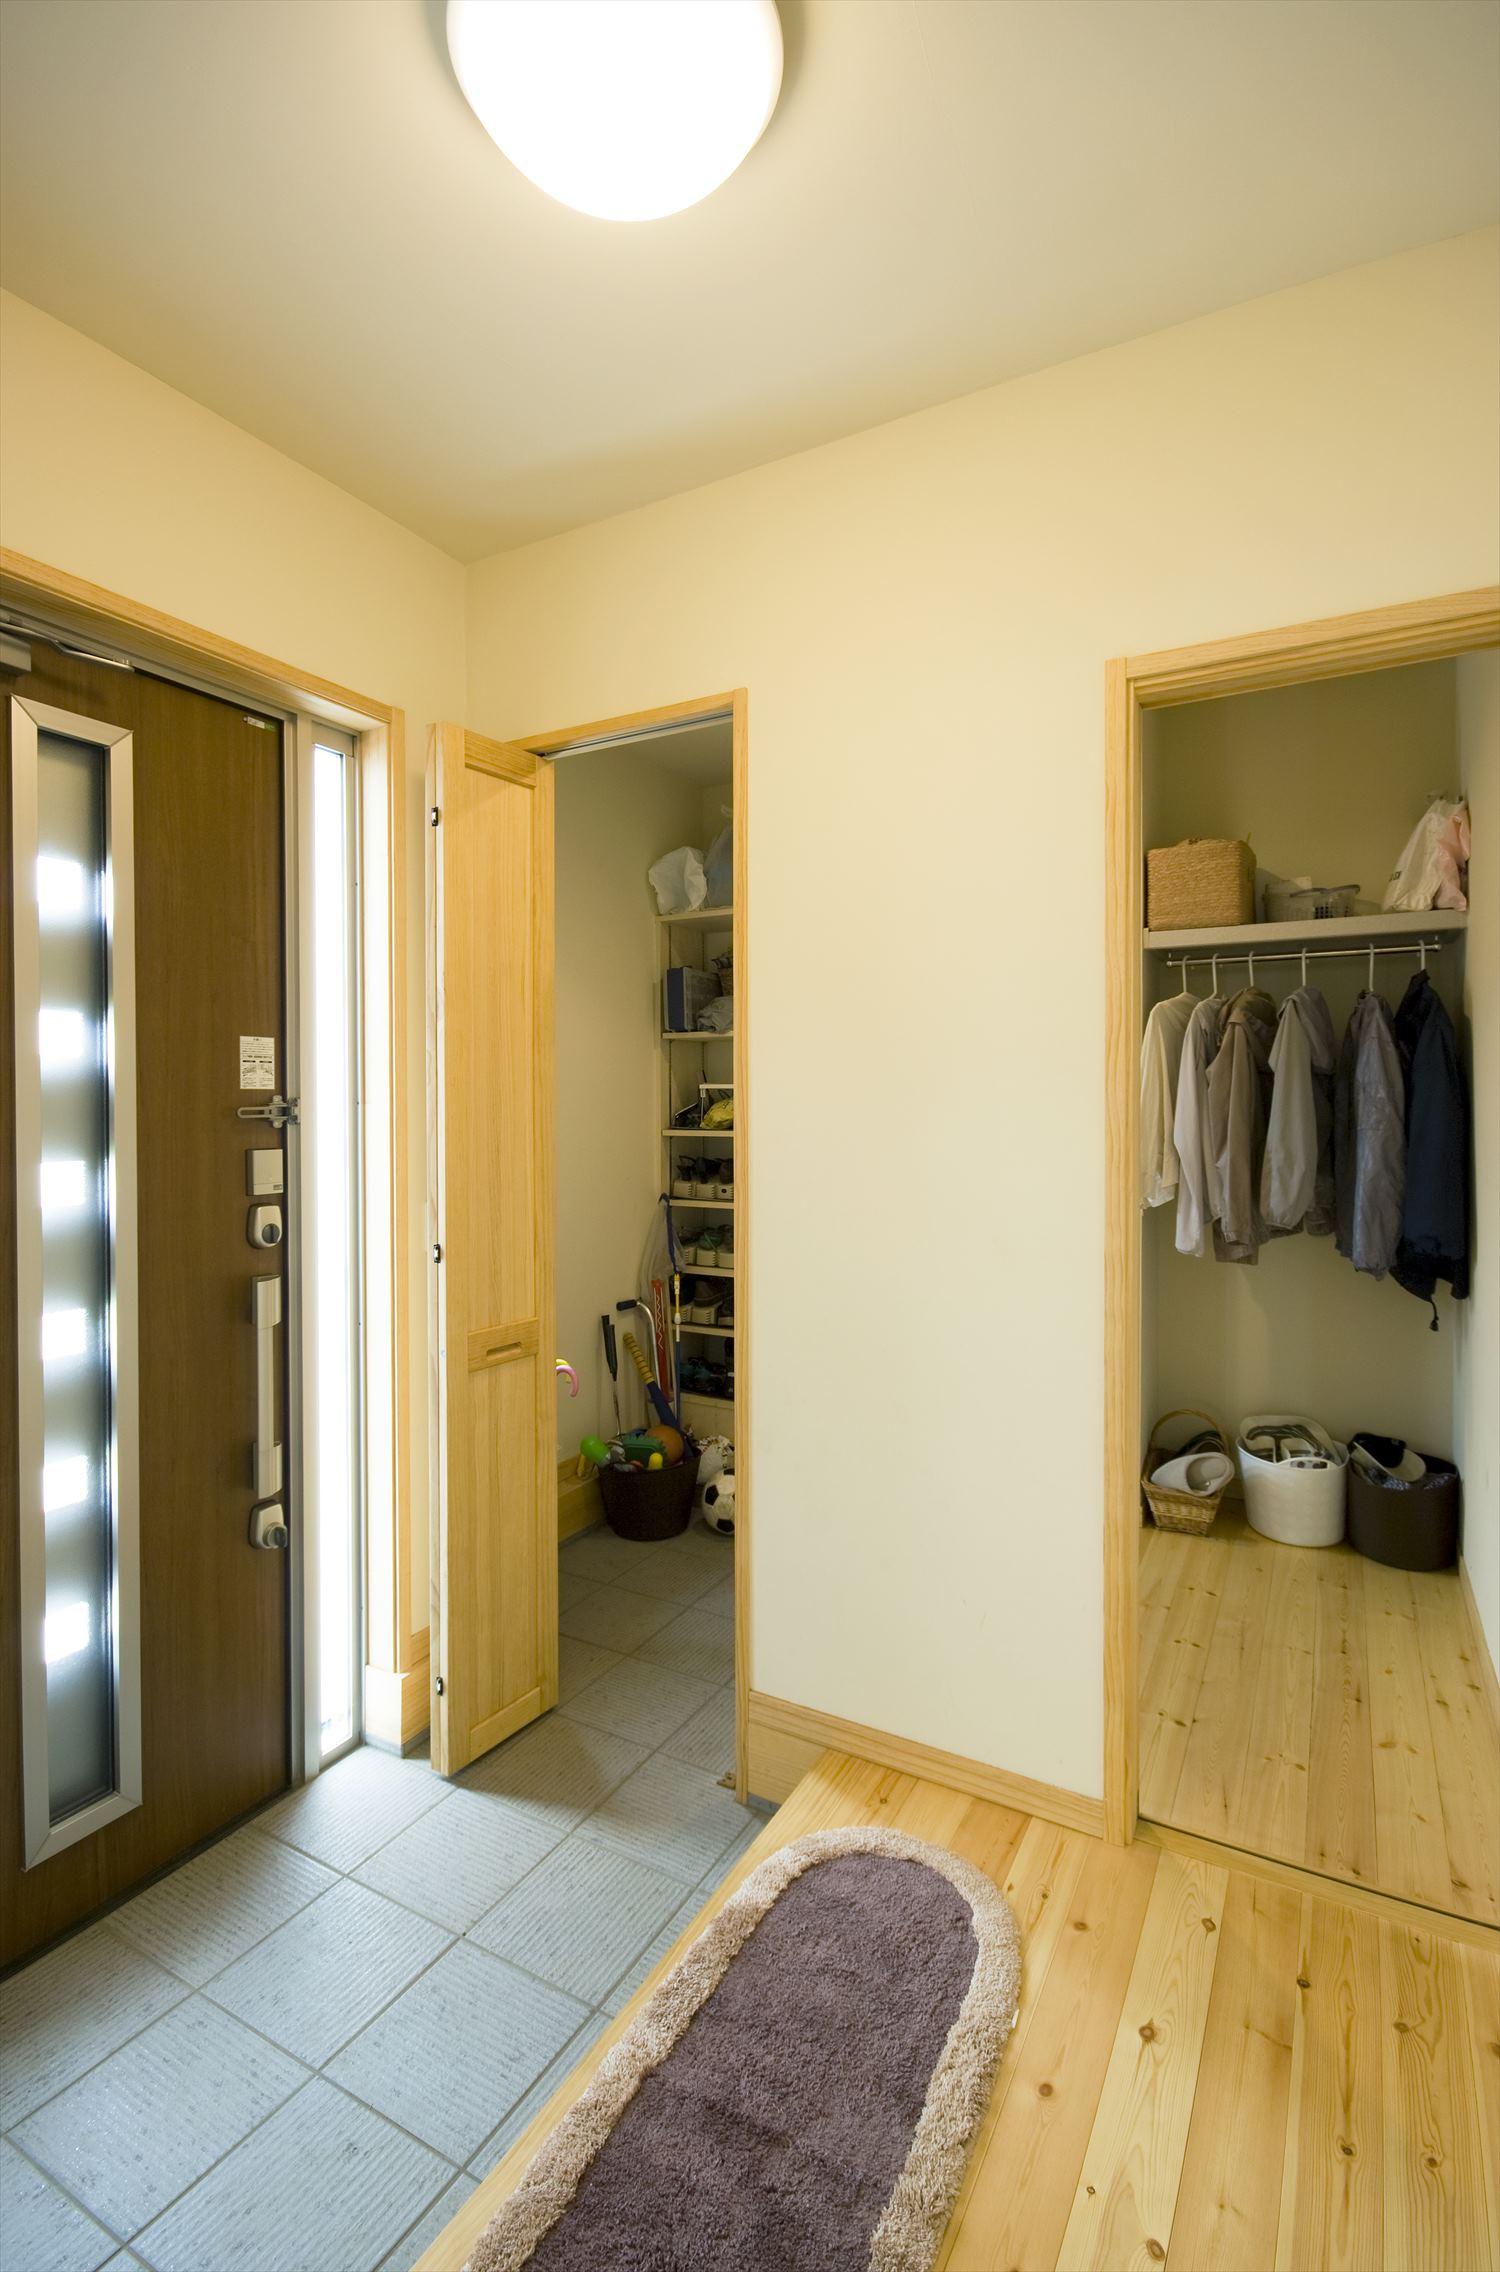 ドア付きでフレキシブルに開閉できる玄関土間収納~便利な動線と収納を叶えるウォークスルークローゼット